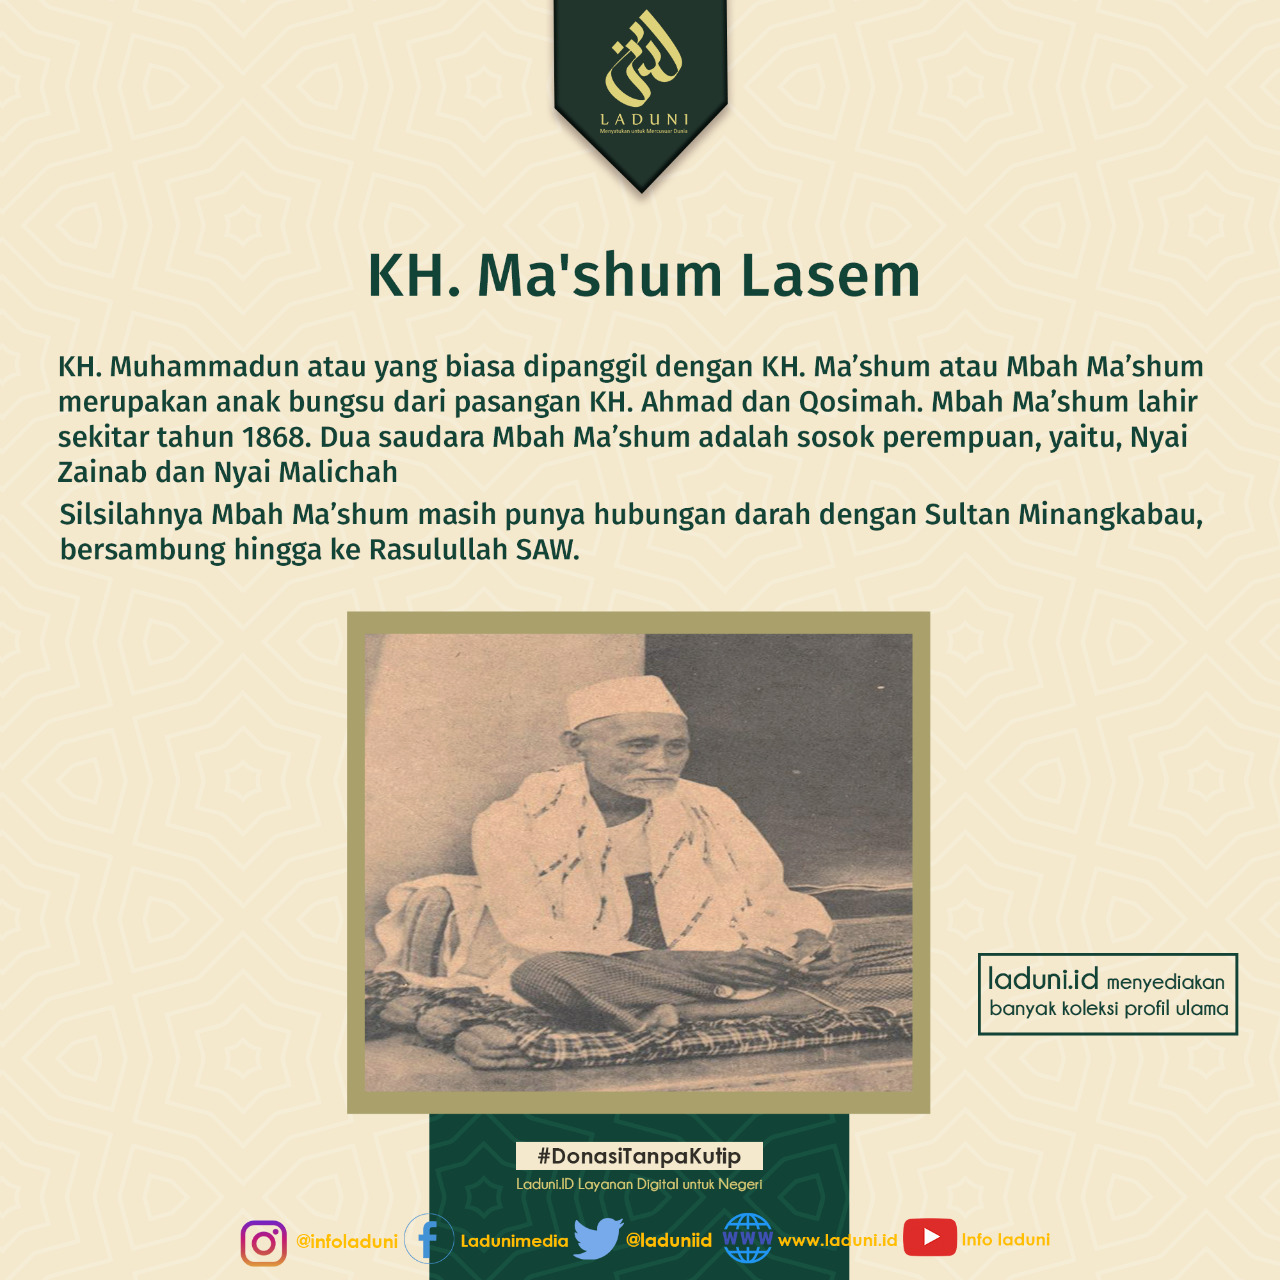 Biografi KH. Ma'shum Lasem